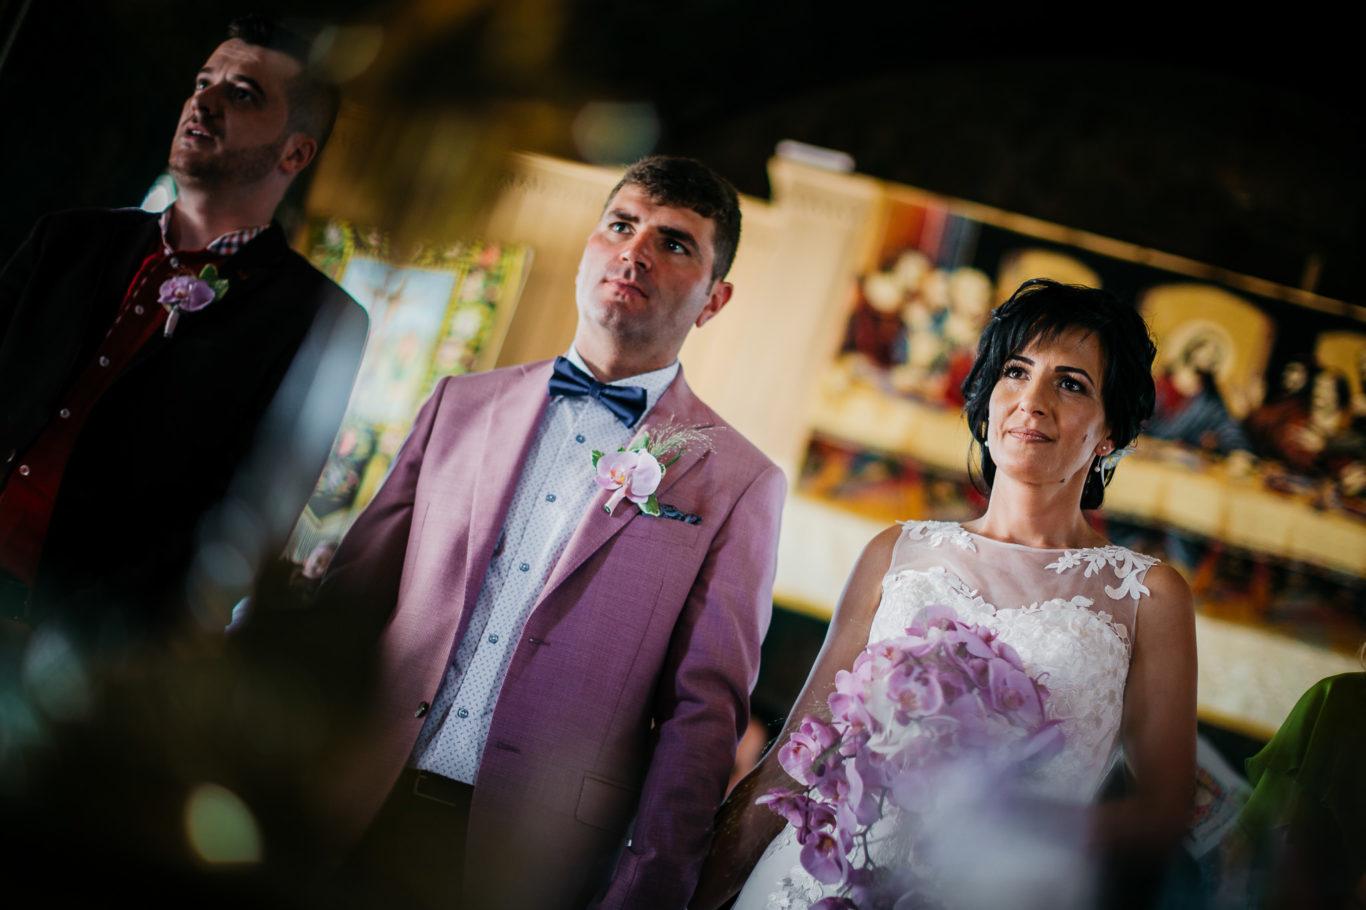 0219-fotografie-nunta-valea-de-pesti-vero-dani-fotograf-ciprian-dumitrescu-dc1_0784